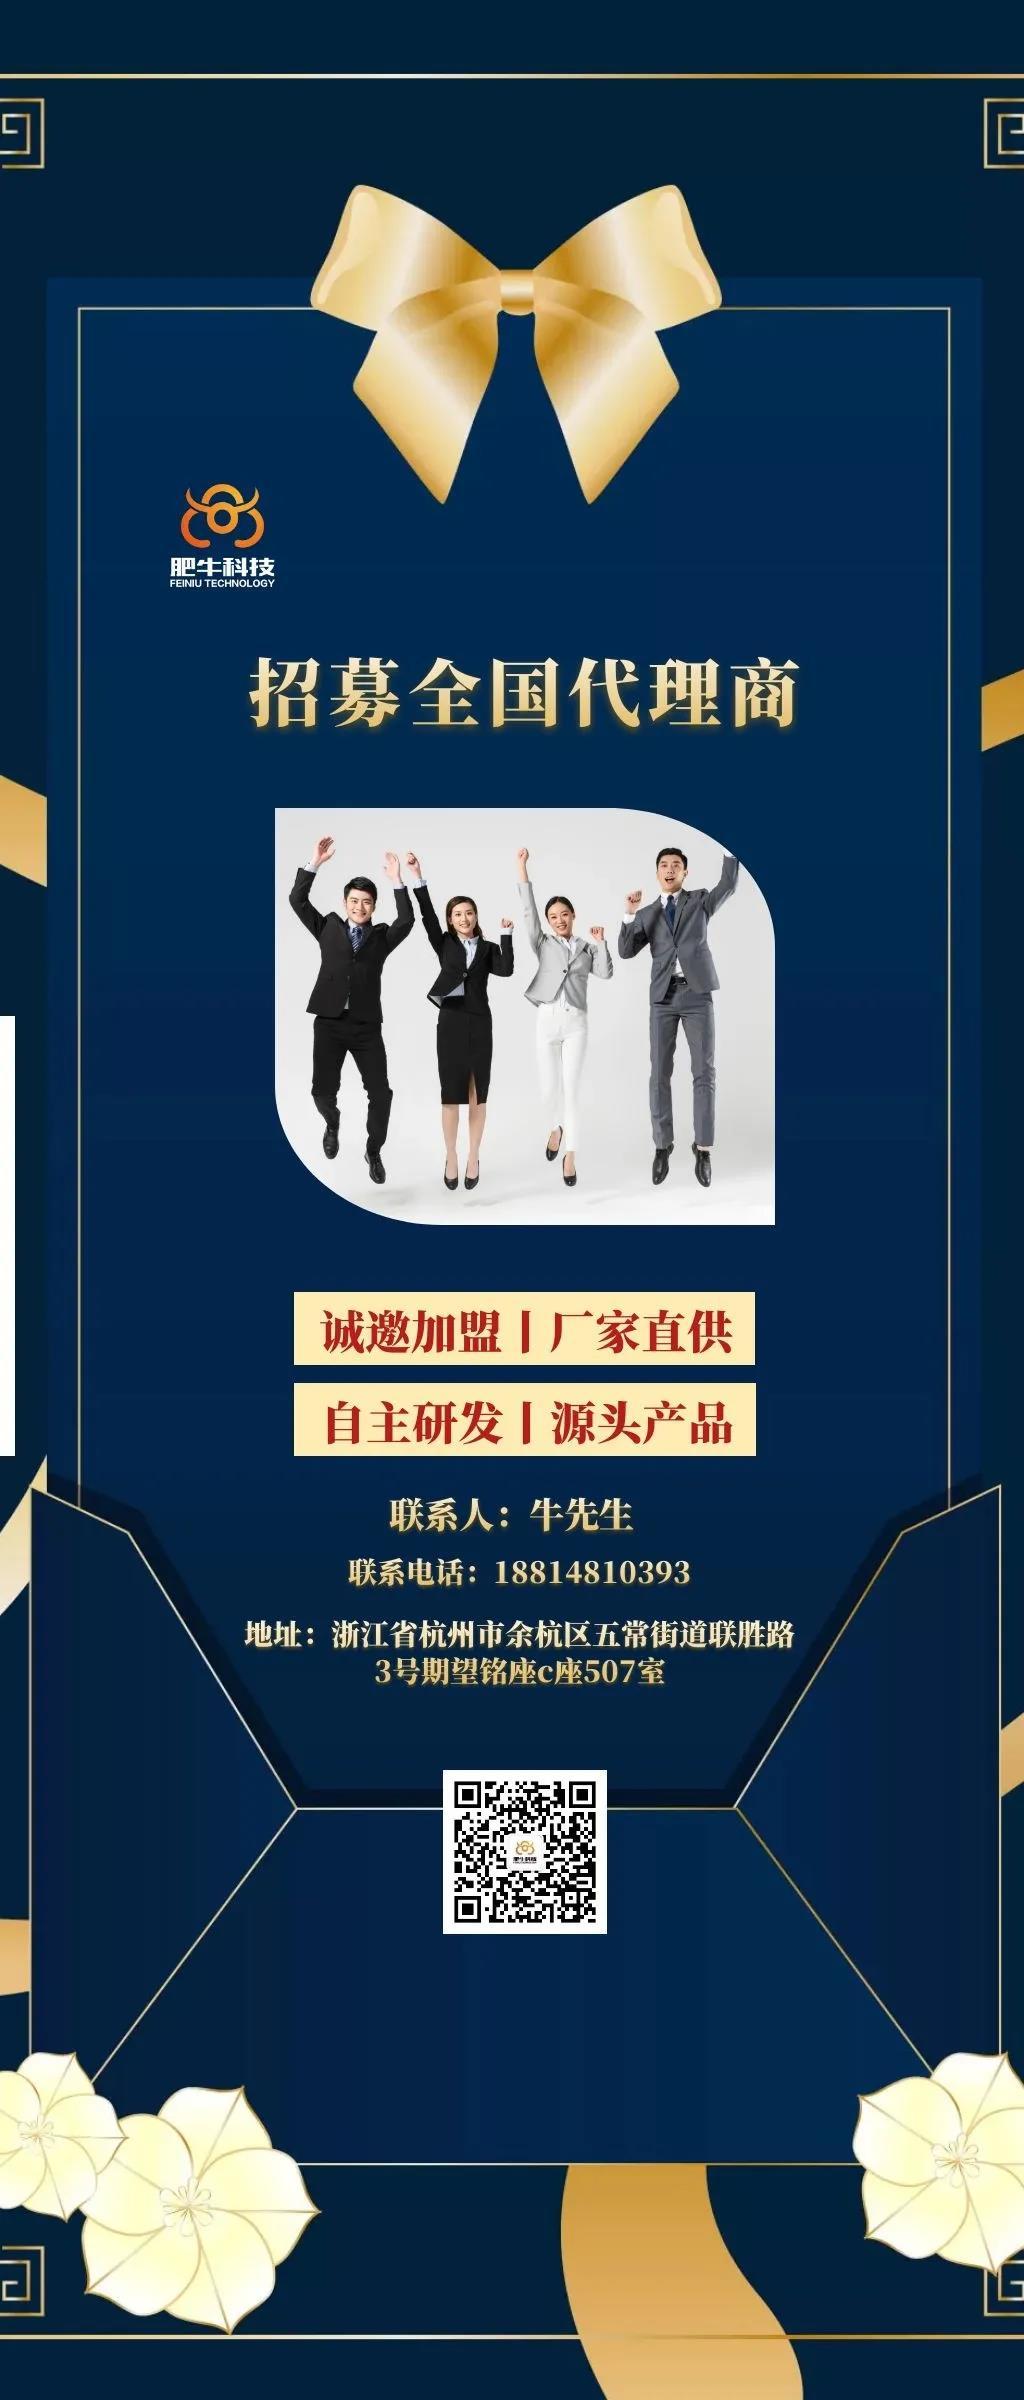 杭州打赢蓝天保卫战行动计划 杭州肥牛信息科技供应